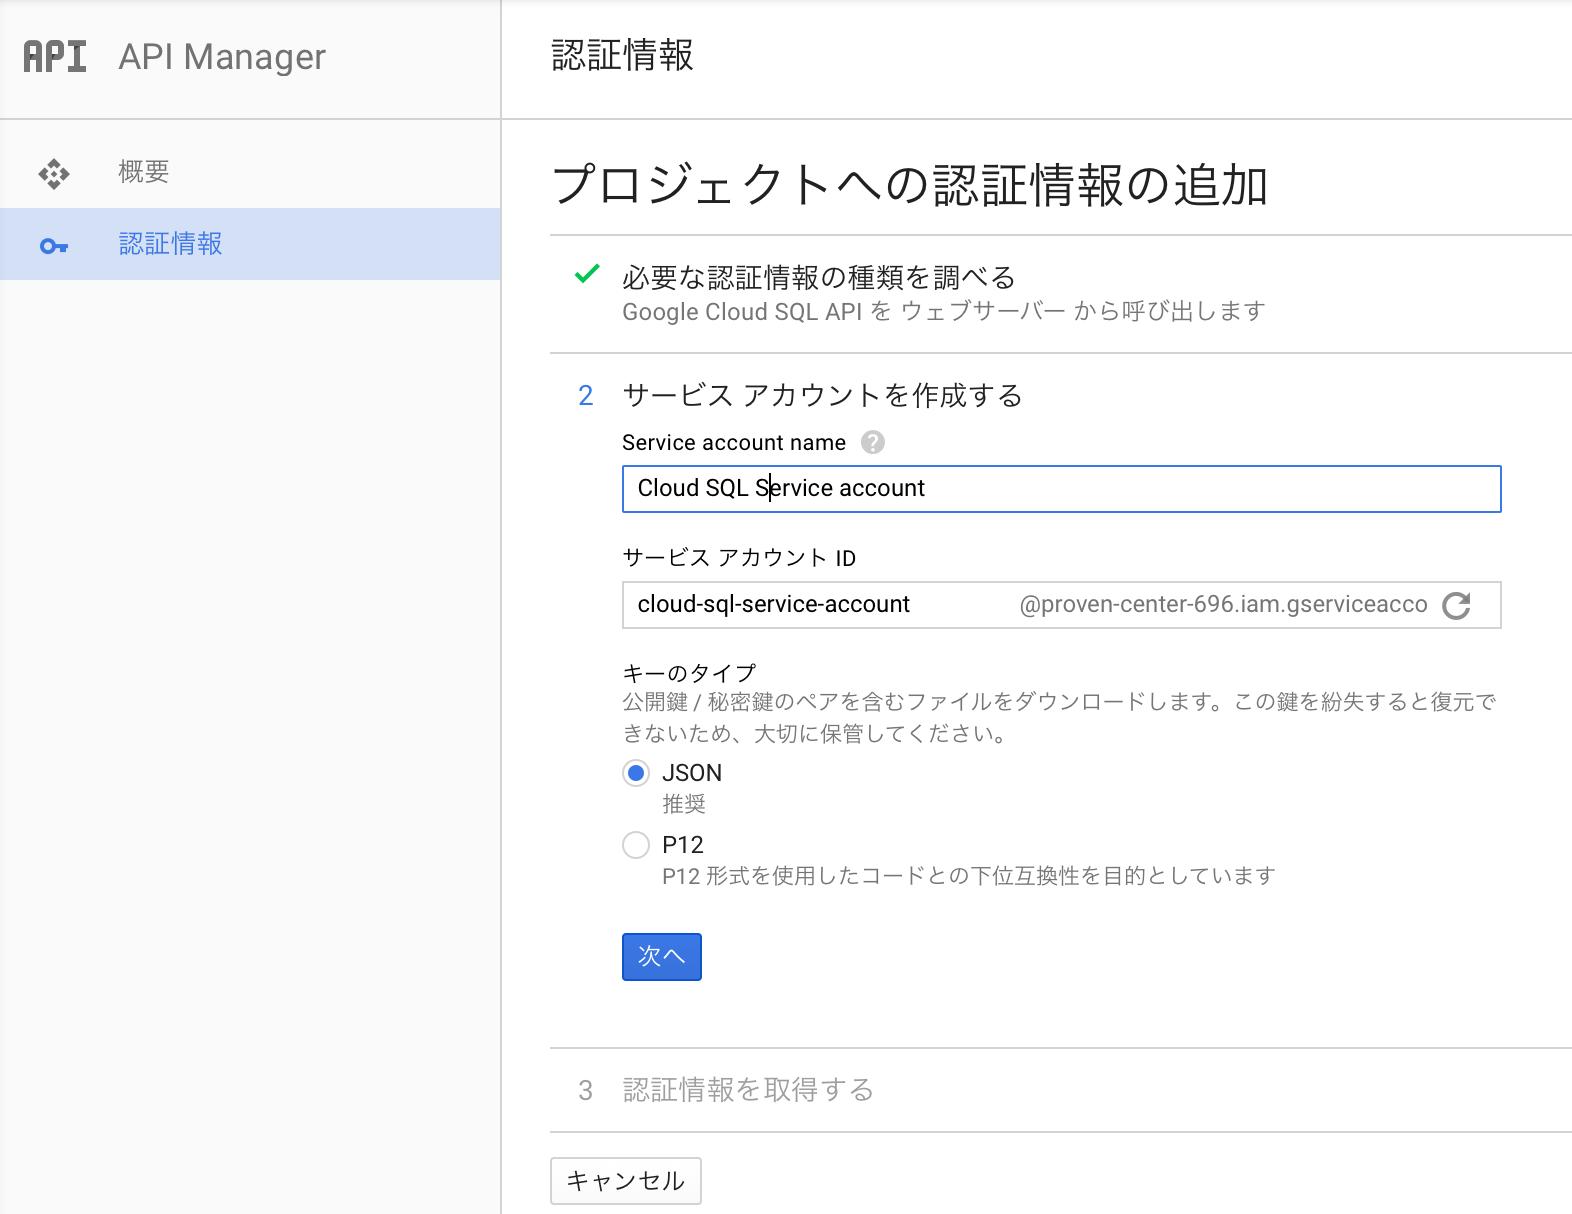 Google Cloud SQL サーバー アカウントの作成